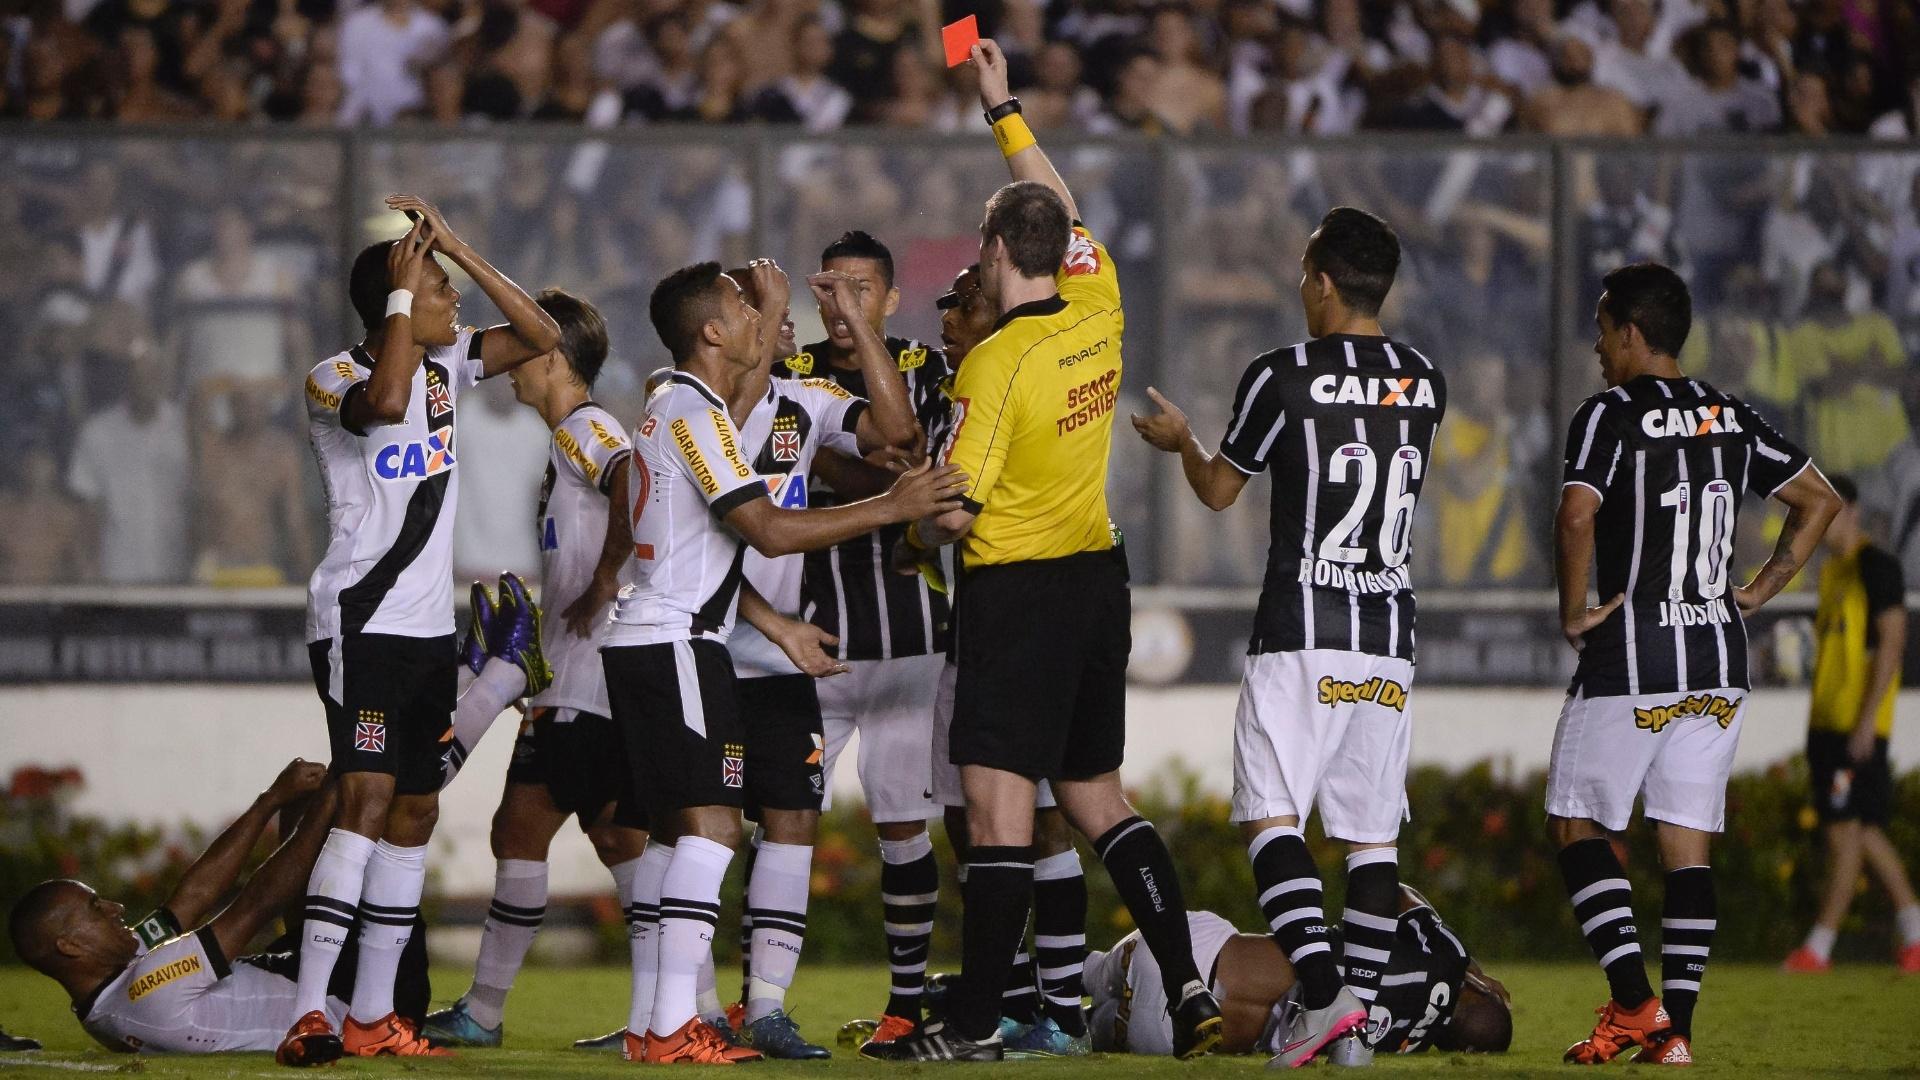 Árbitro expulsa o zagueiro Rodrigo após jogada perigosa